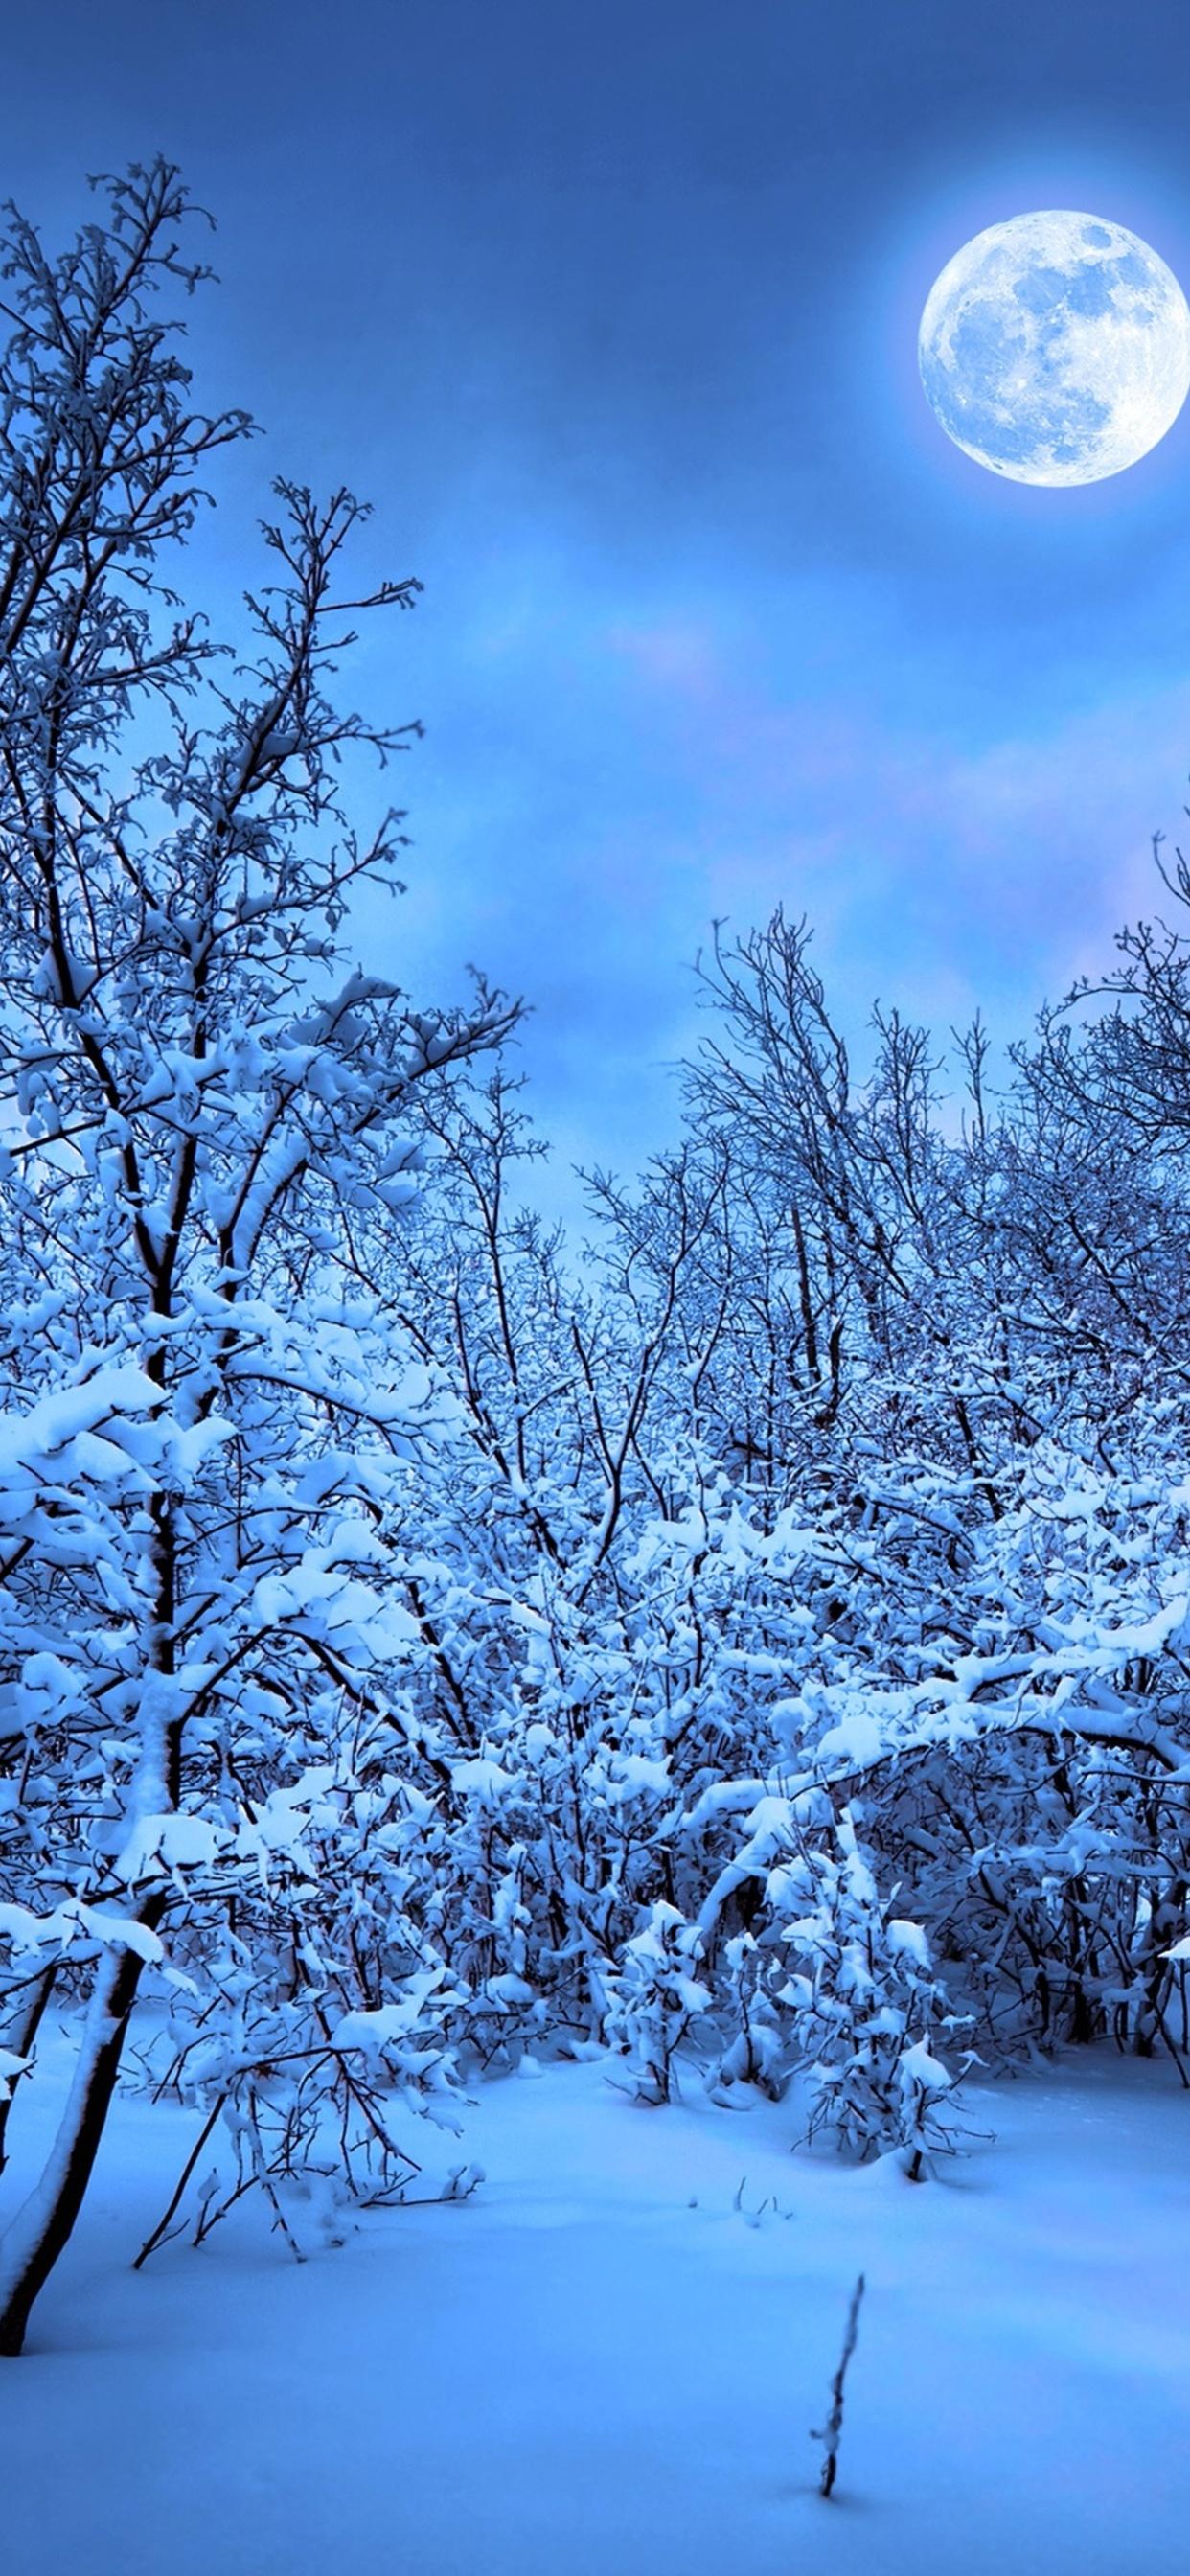 1242x2688 Winter Snow Nature 4k Iphone Xs Max Hd 4k